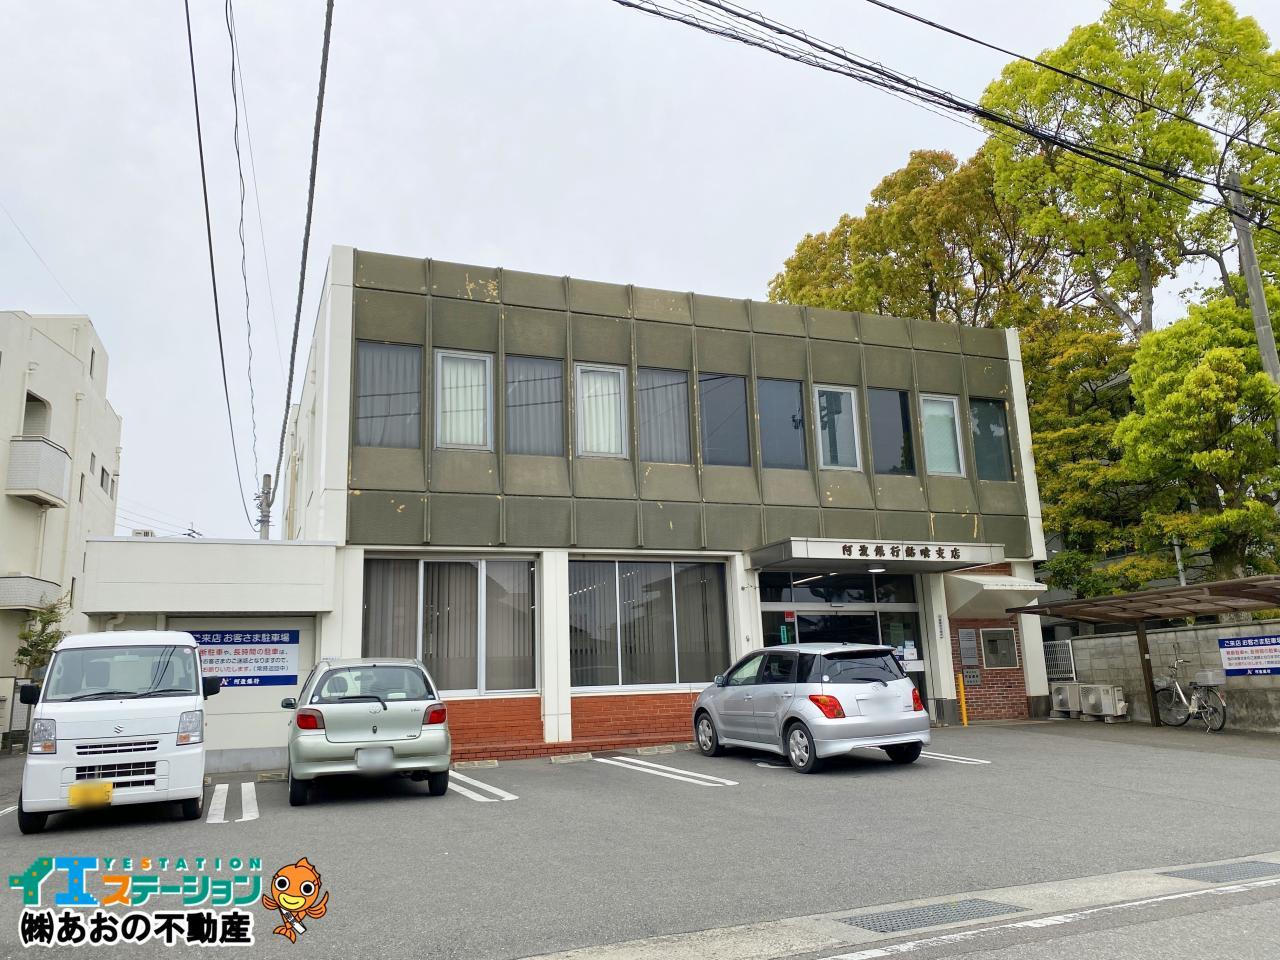 阿波銀行鮎喰支店